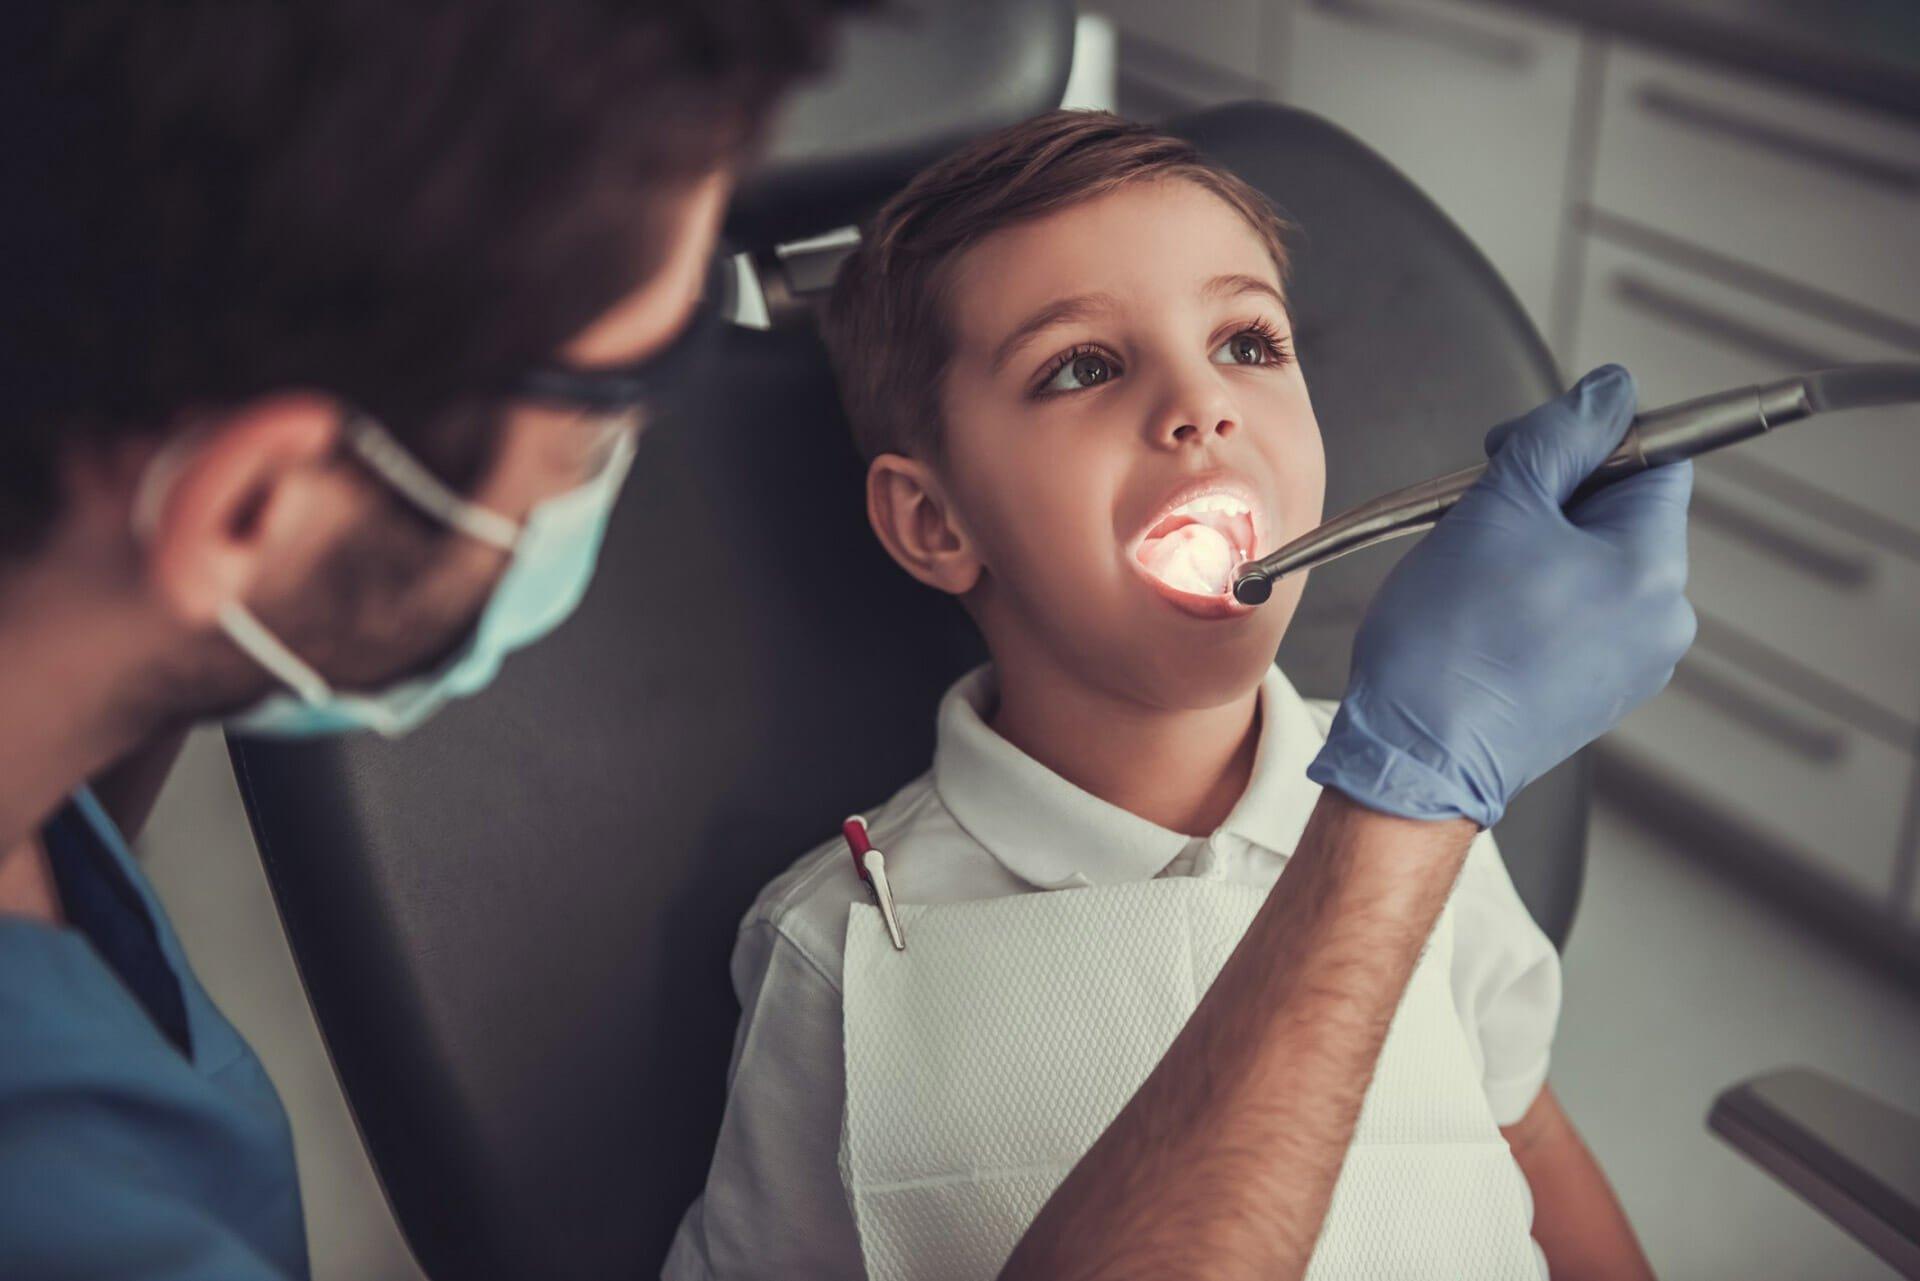 Children's Dental Clinic St. Albert